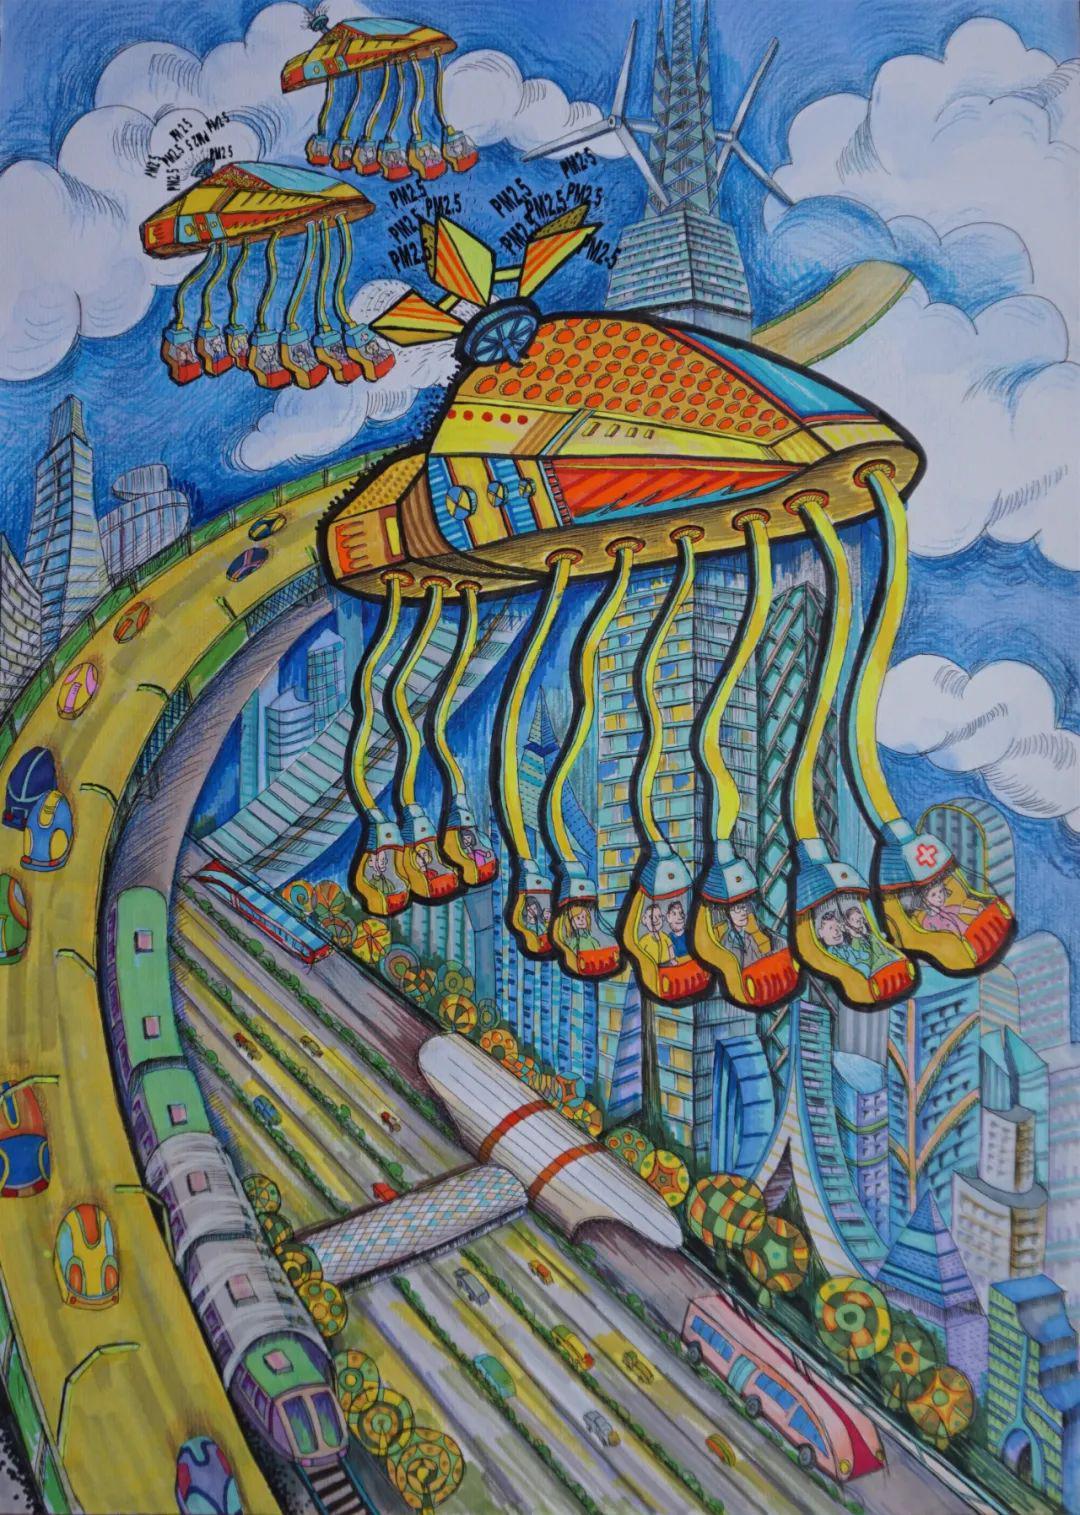 天空之城儿童科幻画